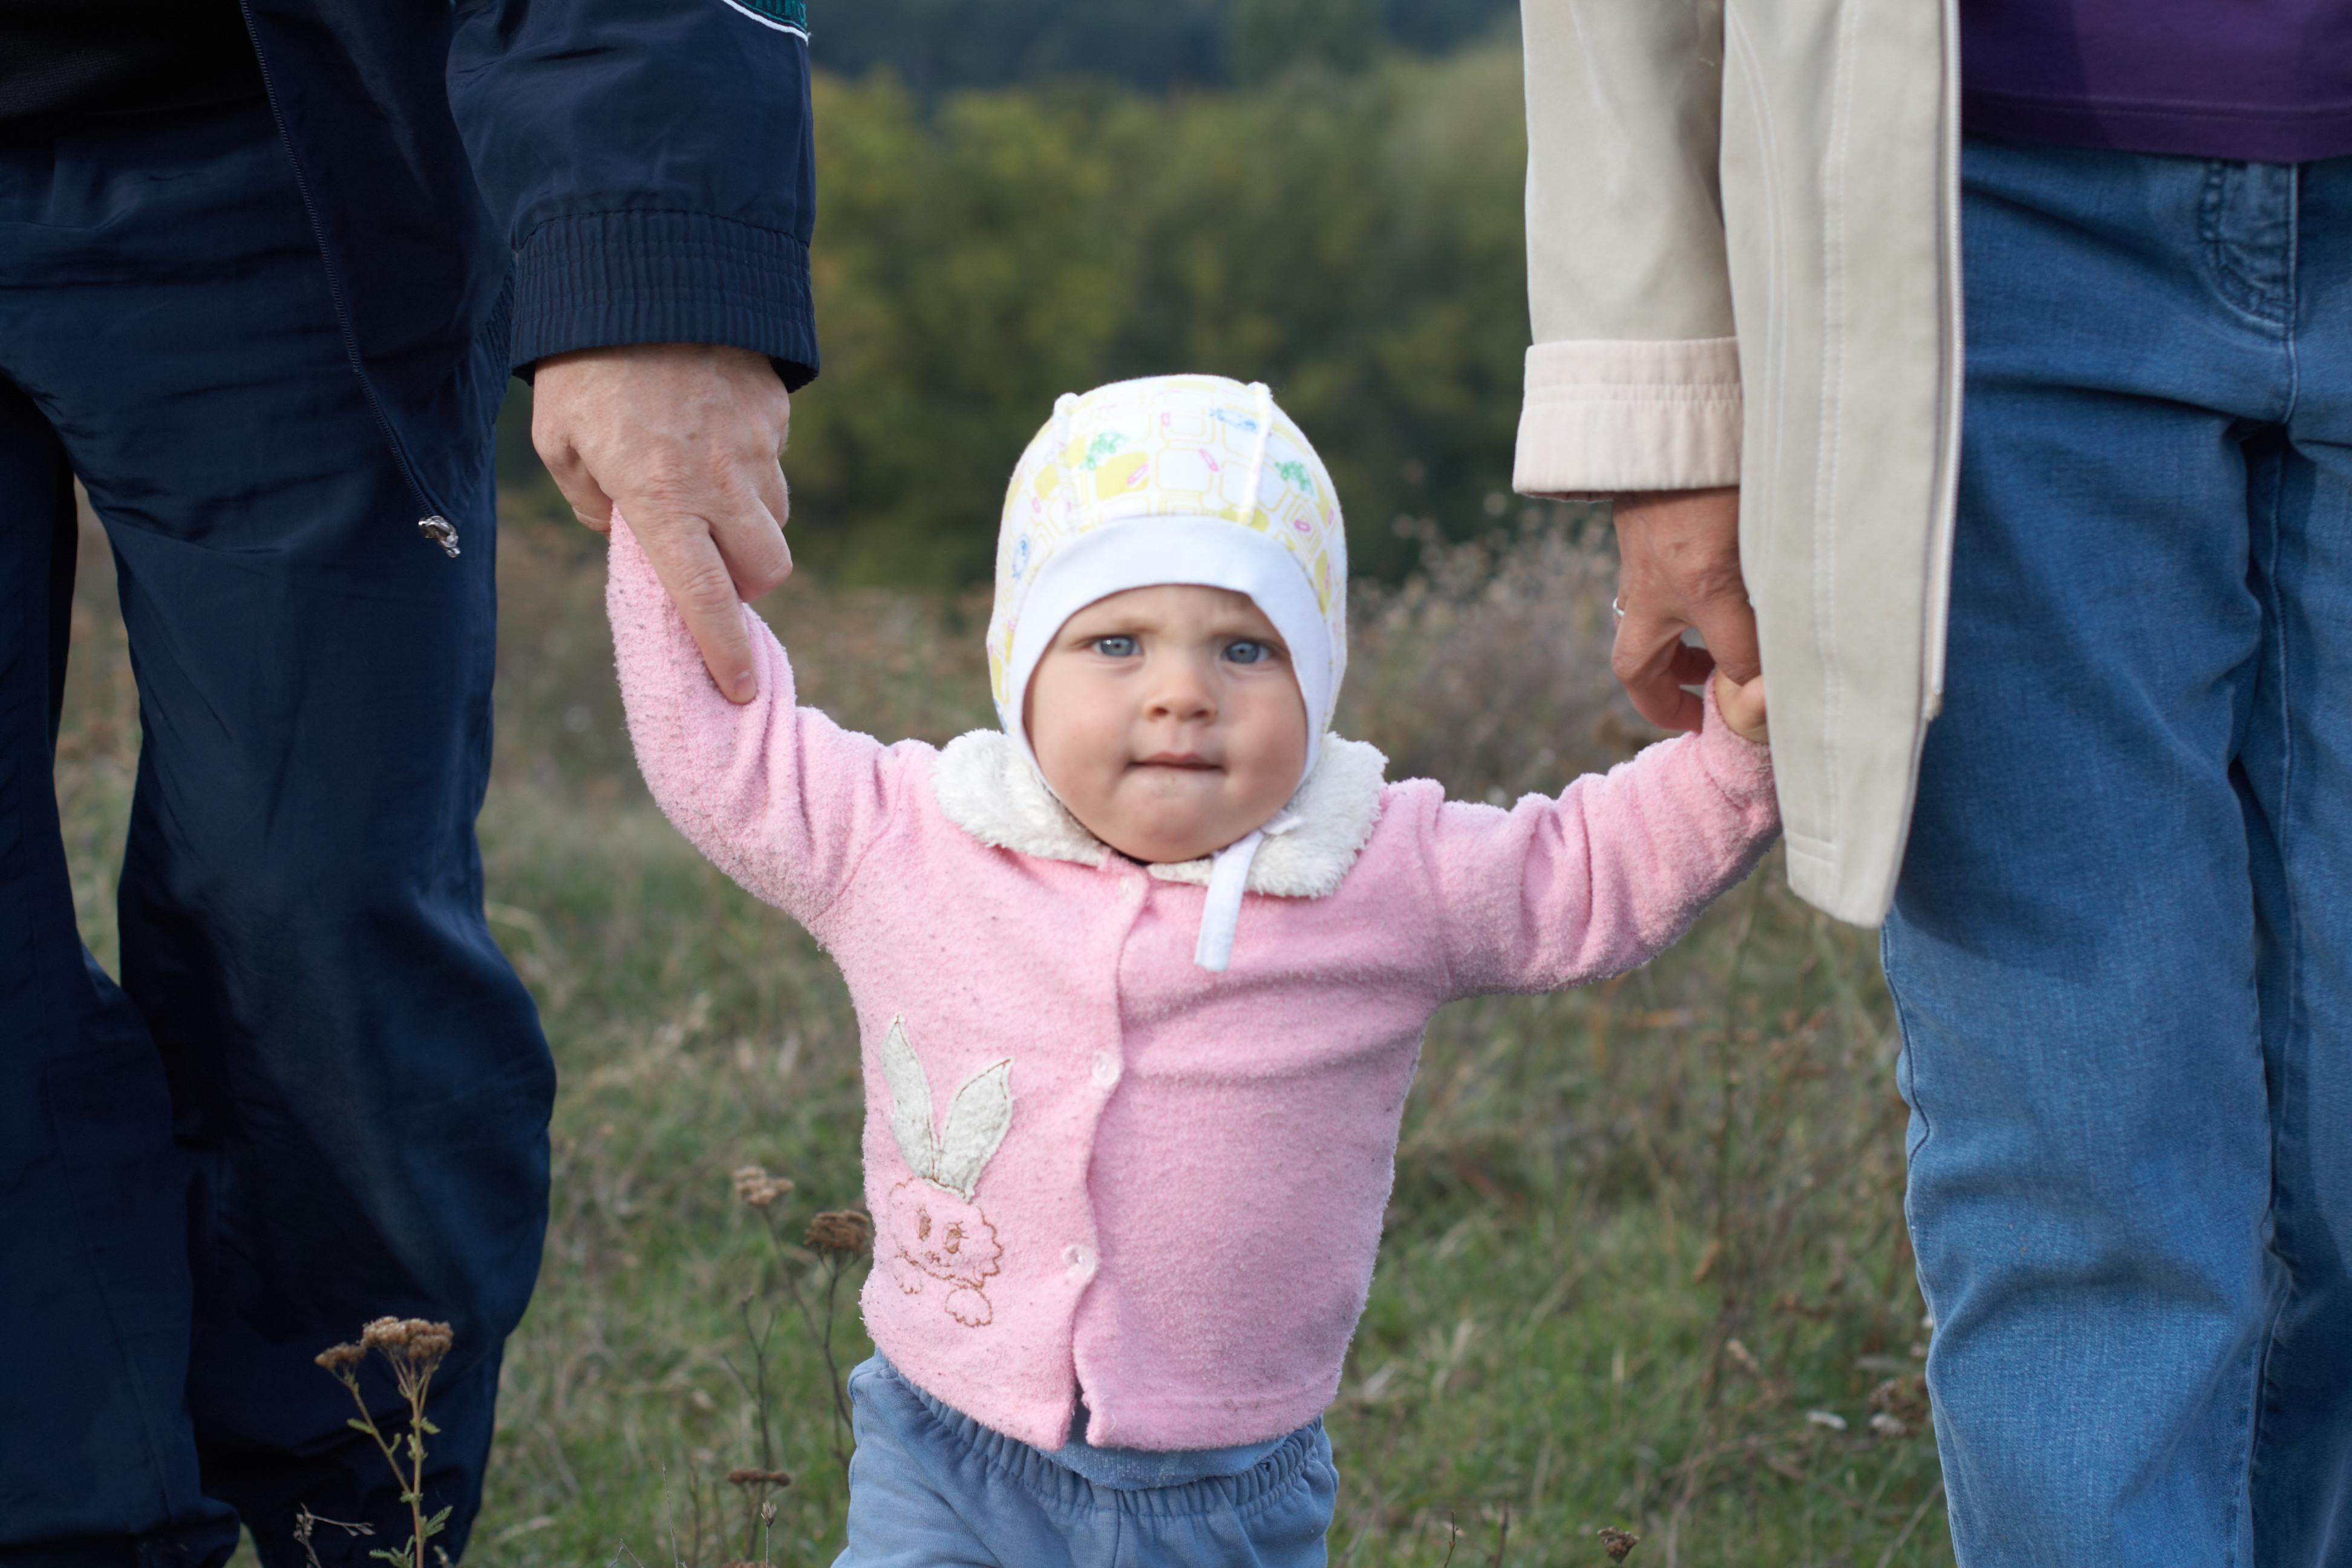 Методы позитивного воспитания Джона Грэя, как заставить ребёнка слушаться, как убедить ребёнка сотрудничать, как правильно воспитывать ребёнка, гуманное воспитание